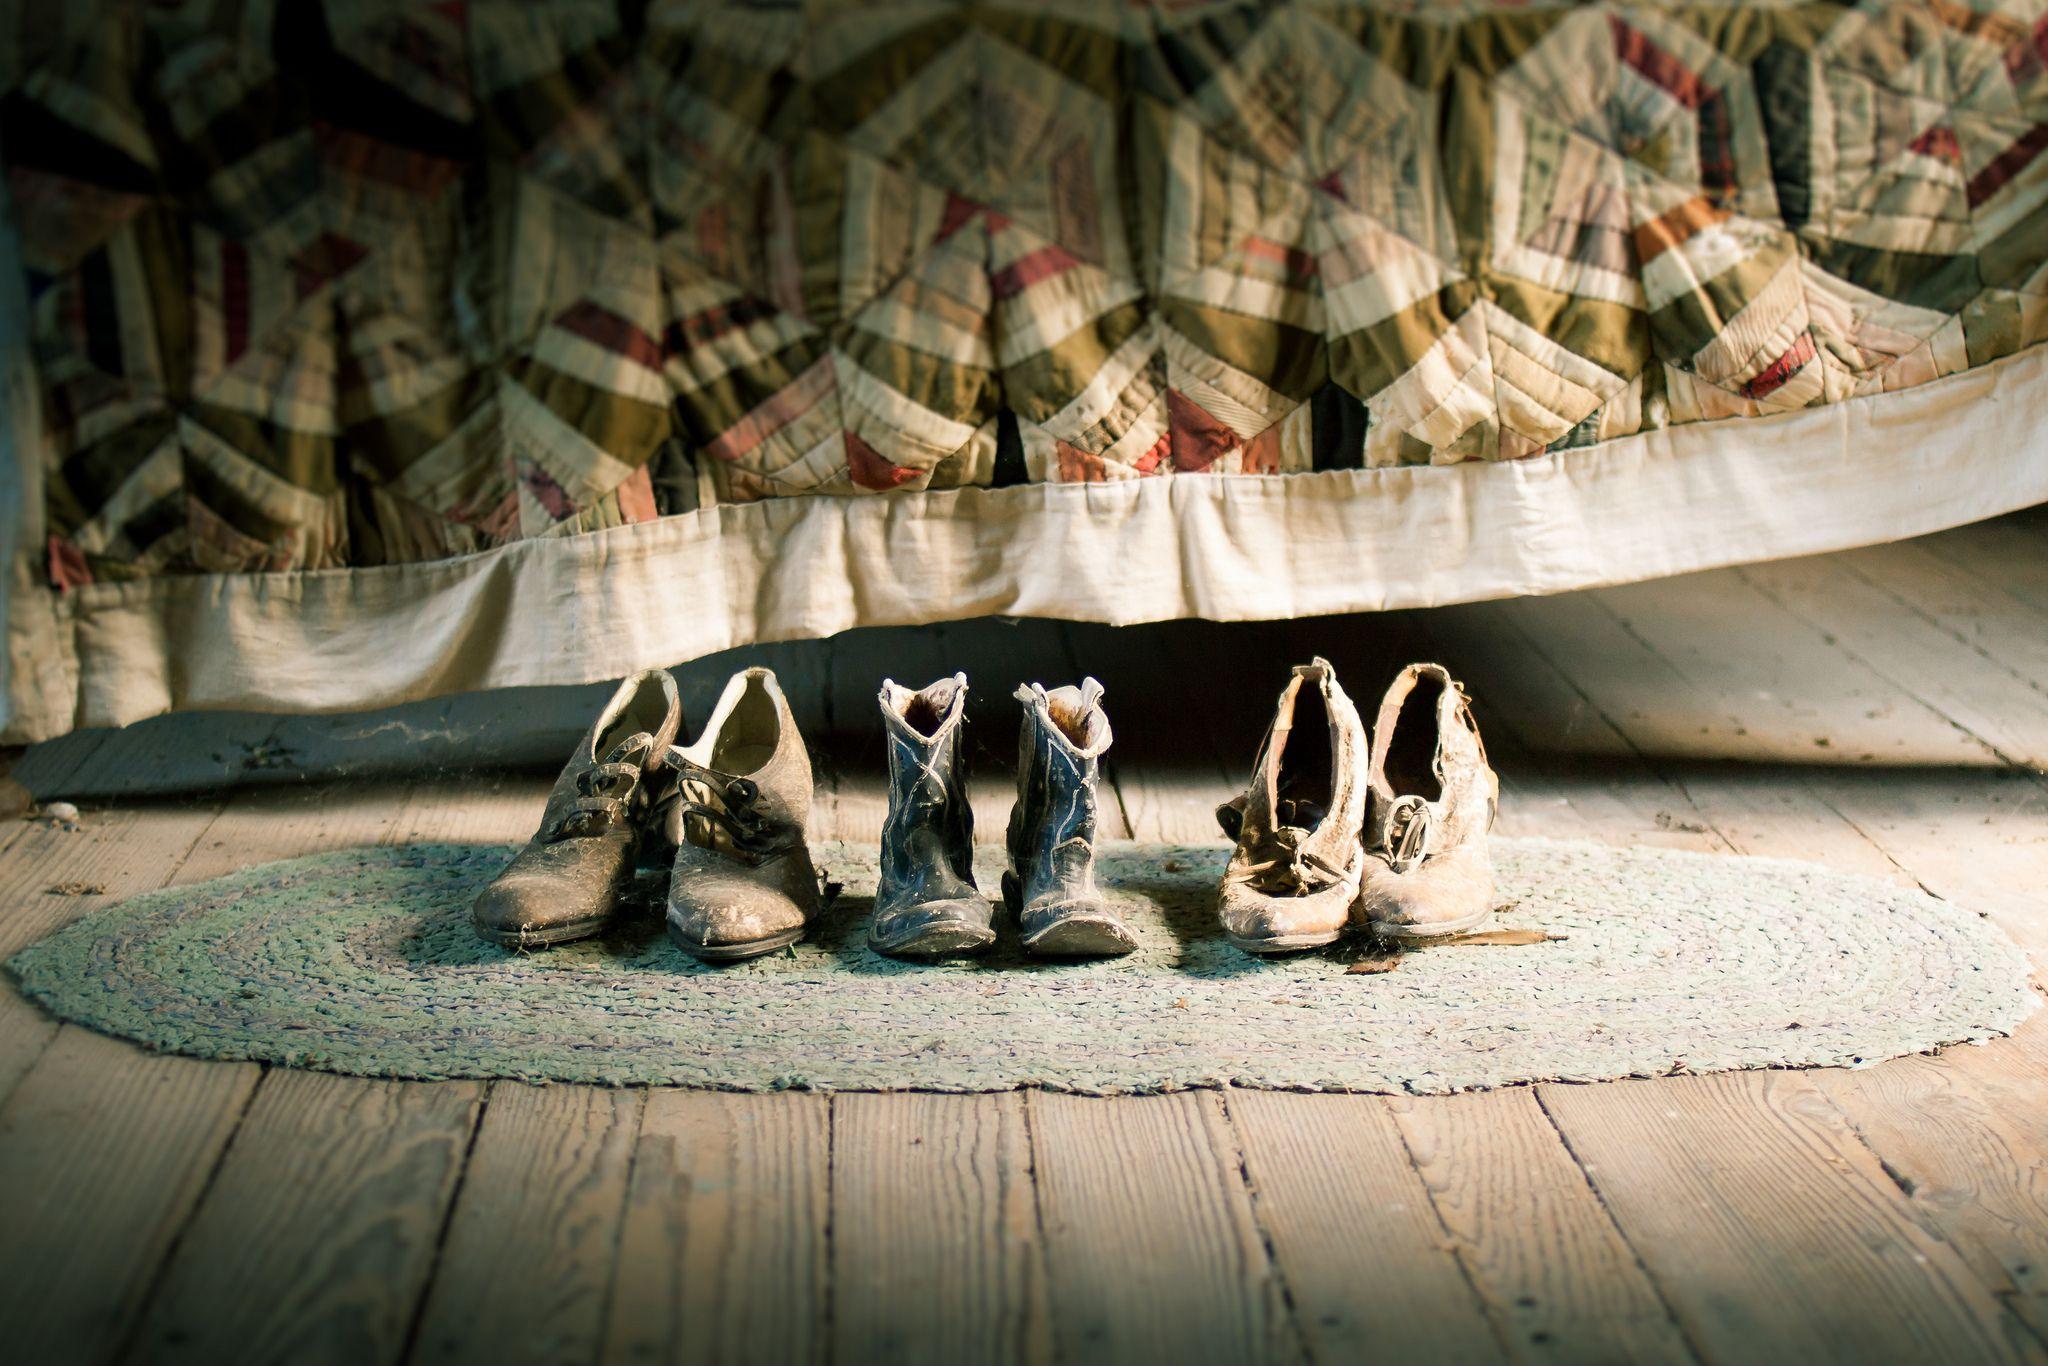 b2b107c7db3c Интересно, что туфли на шпильке распарованы — у Назима левая, в известном  обувном музее во Франции правая. Коллекционеру ...